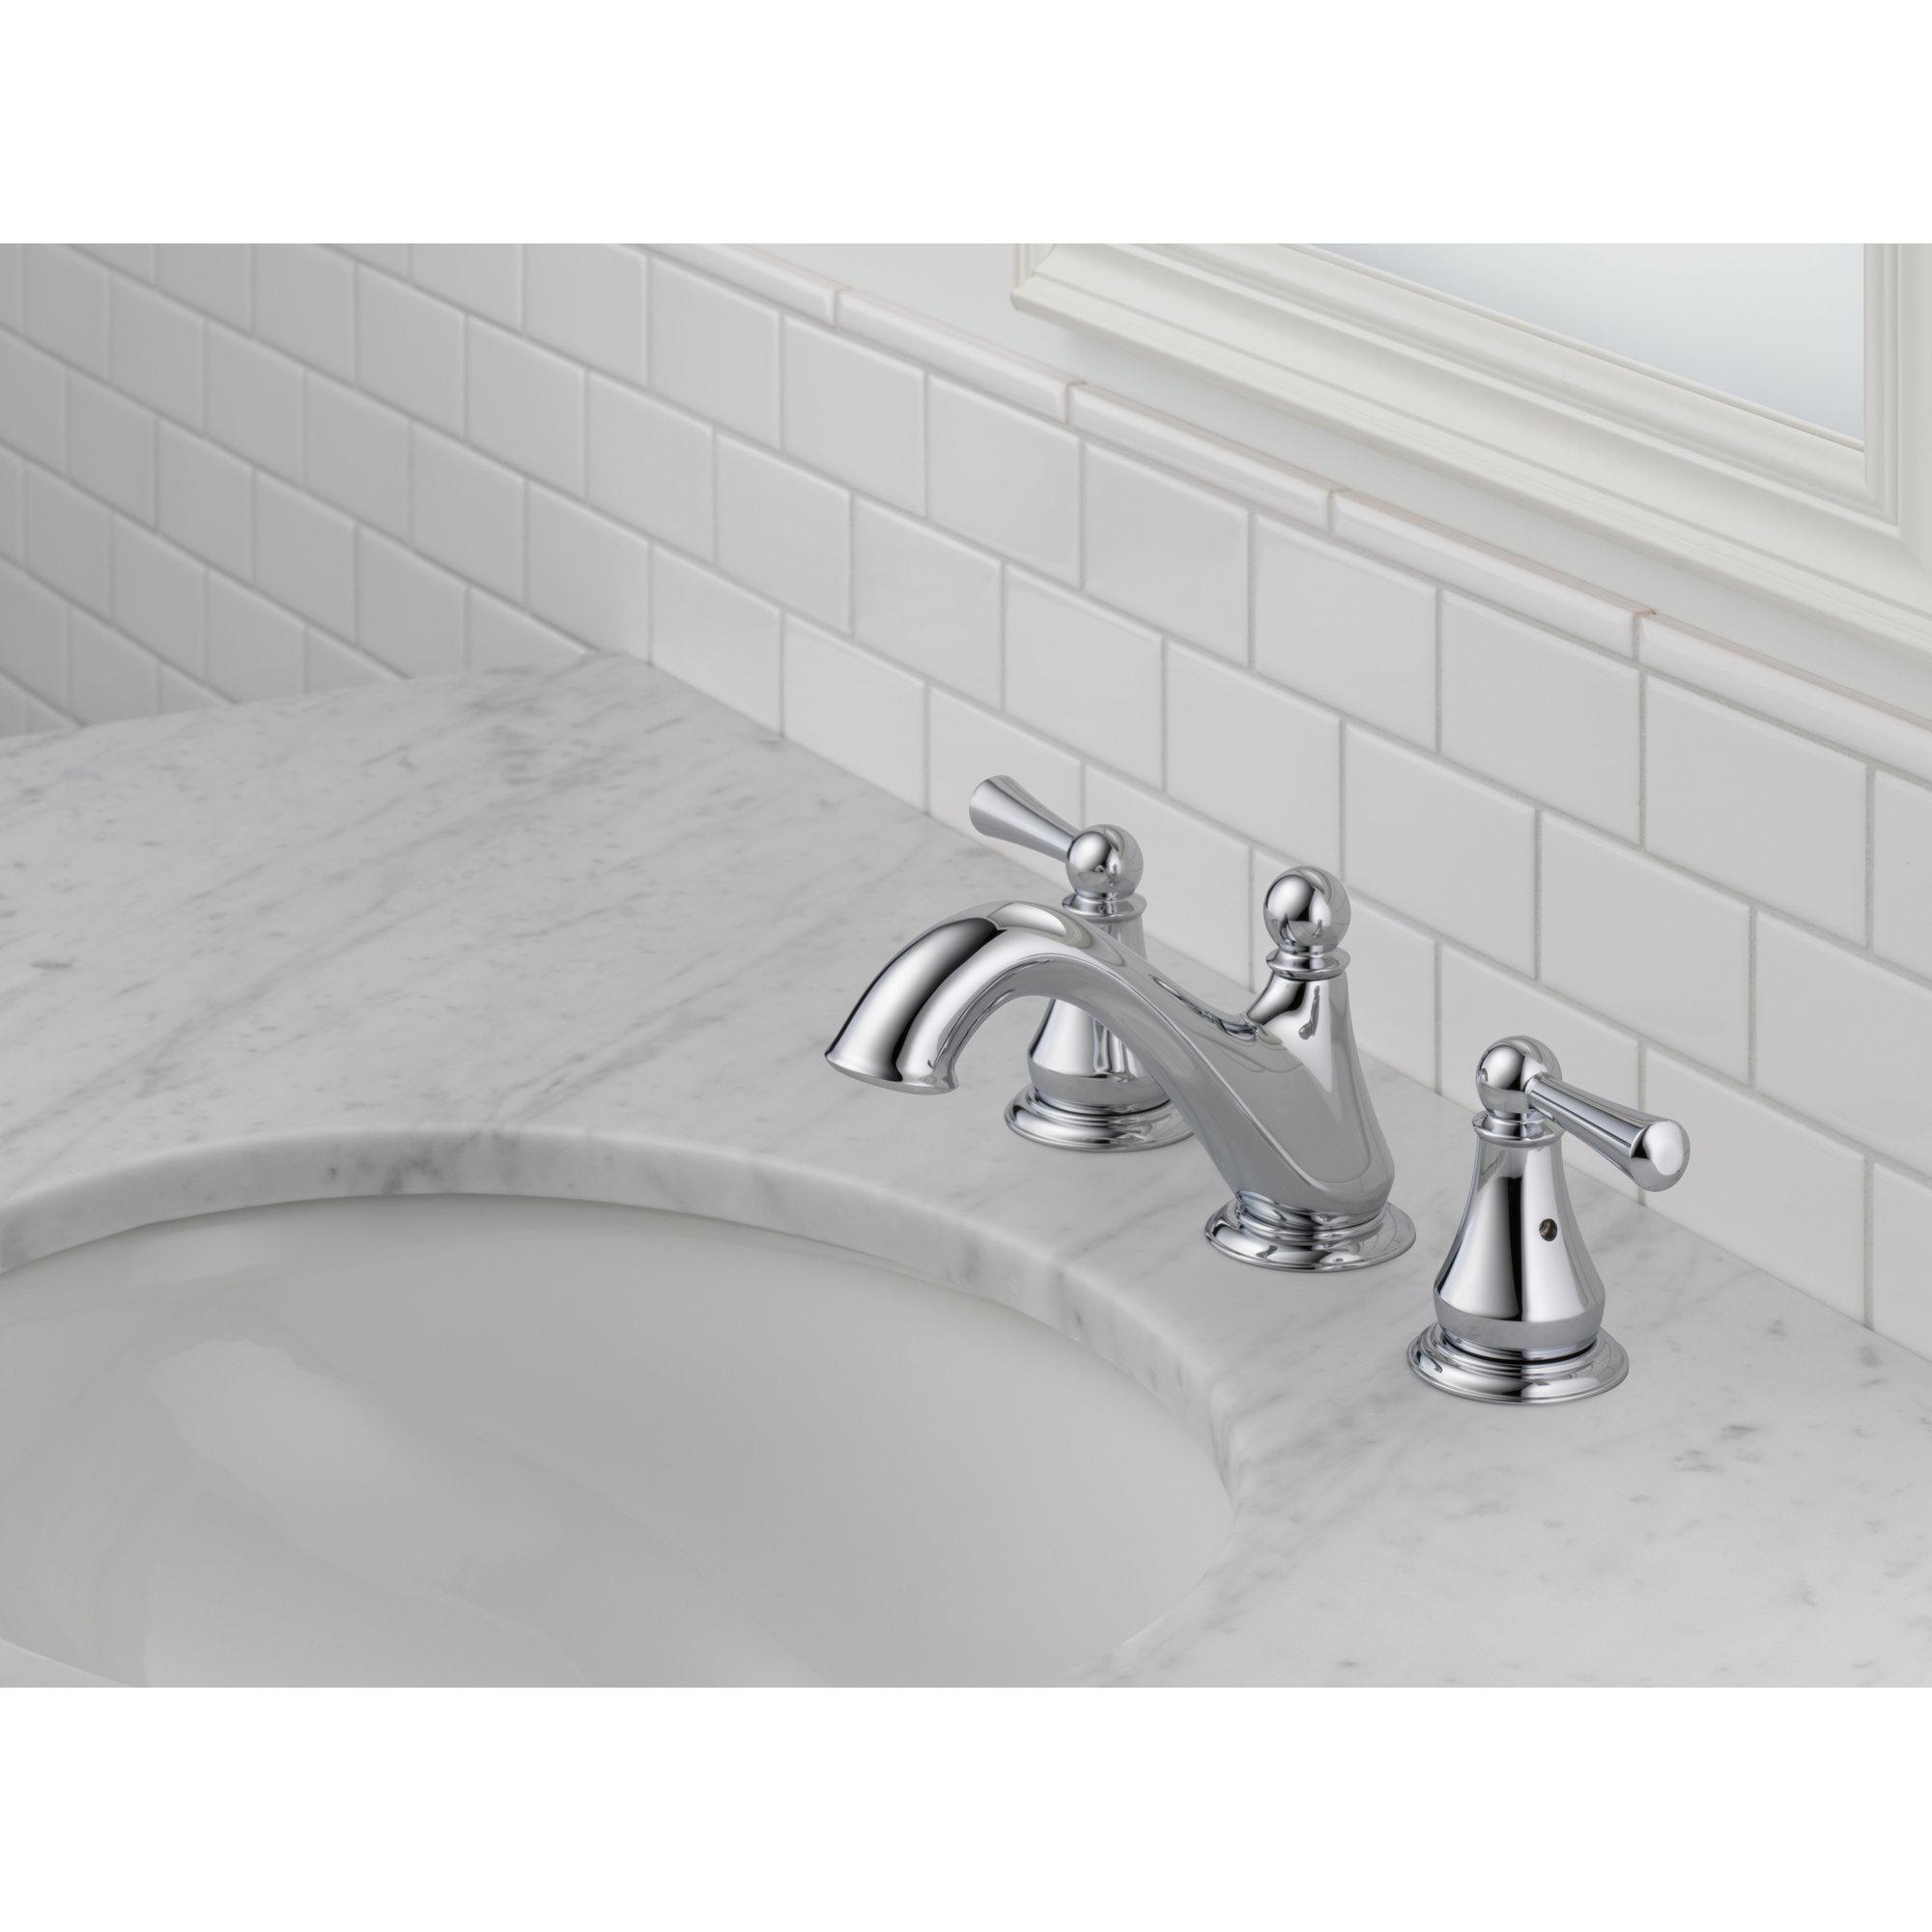 Delta haywood double handle widespread bathroom faucet reviews wayfair for Bathroom sink faucets reviews